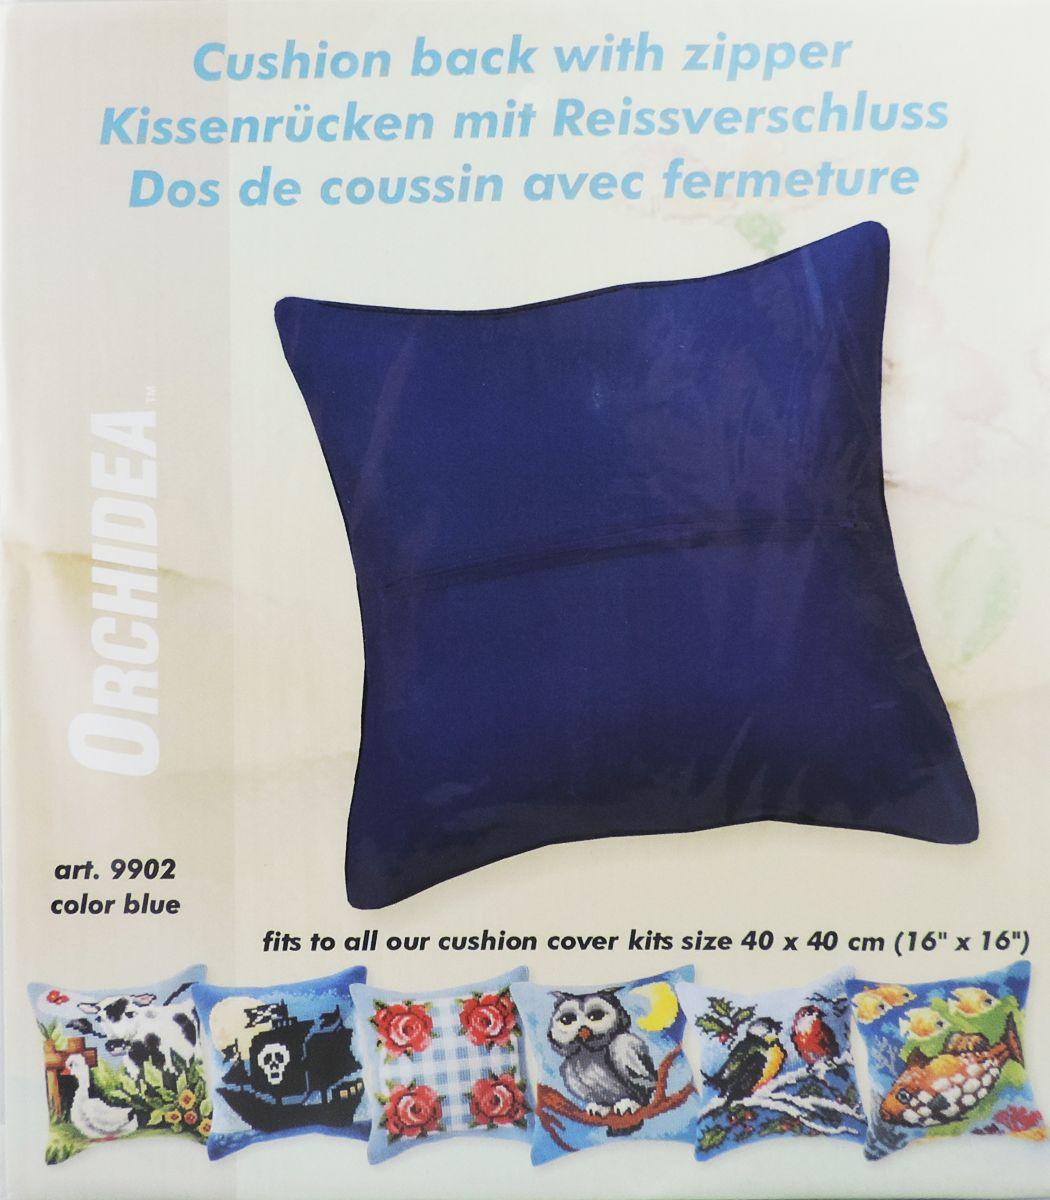 Обратная сторона подушки Orchidea, 45 х 45 см, цвет: черный. 99029902Обратная сторона подушки с уже вшитой молнией. Идеальна для подушек размером 40х40 см. В центре вшит замок-молния, вам останется только пришить ее к декоративной части подушки. Состав: 100% хлопок